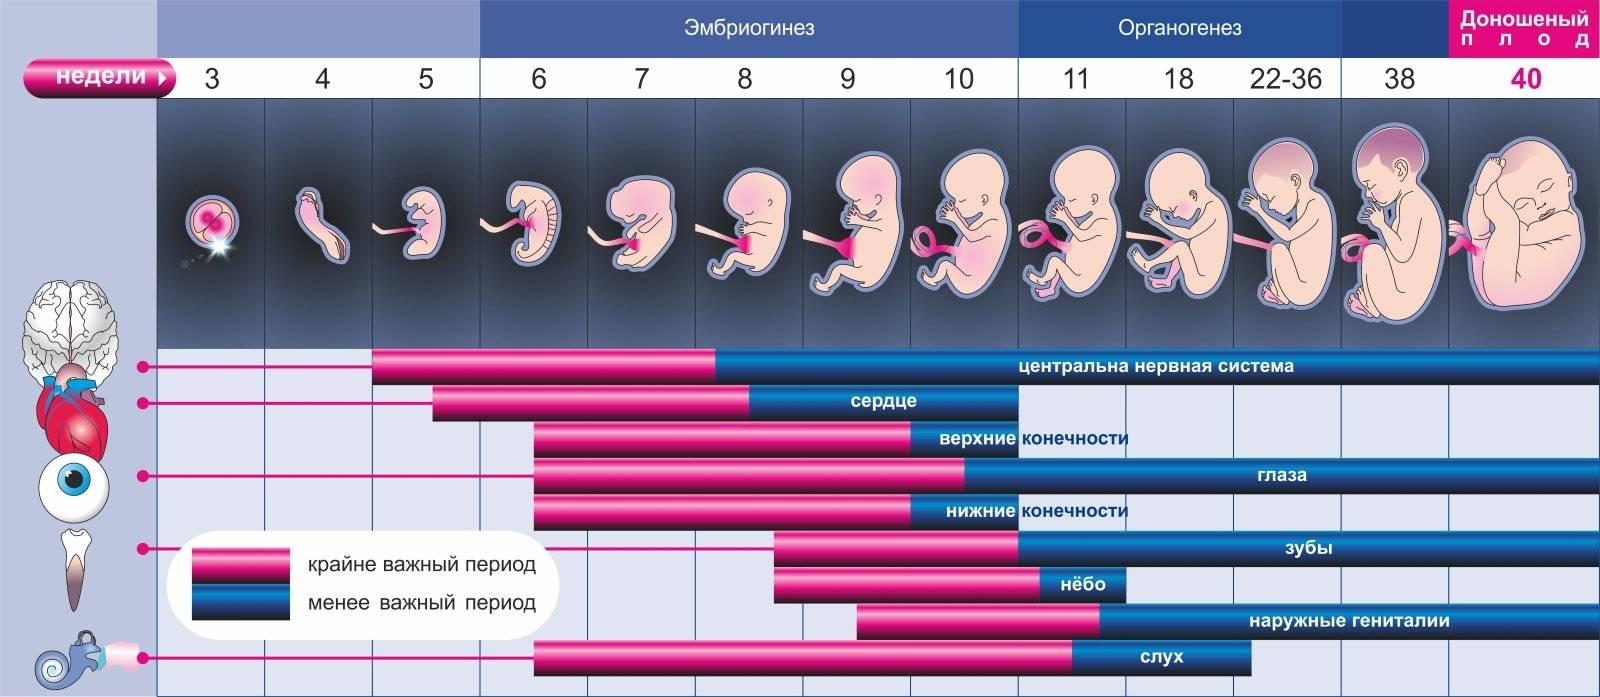 Беременность кошки: признаки, сроки, календарь родов, ложная беременность